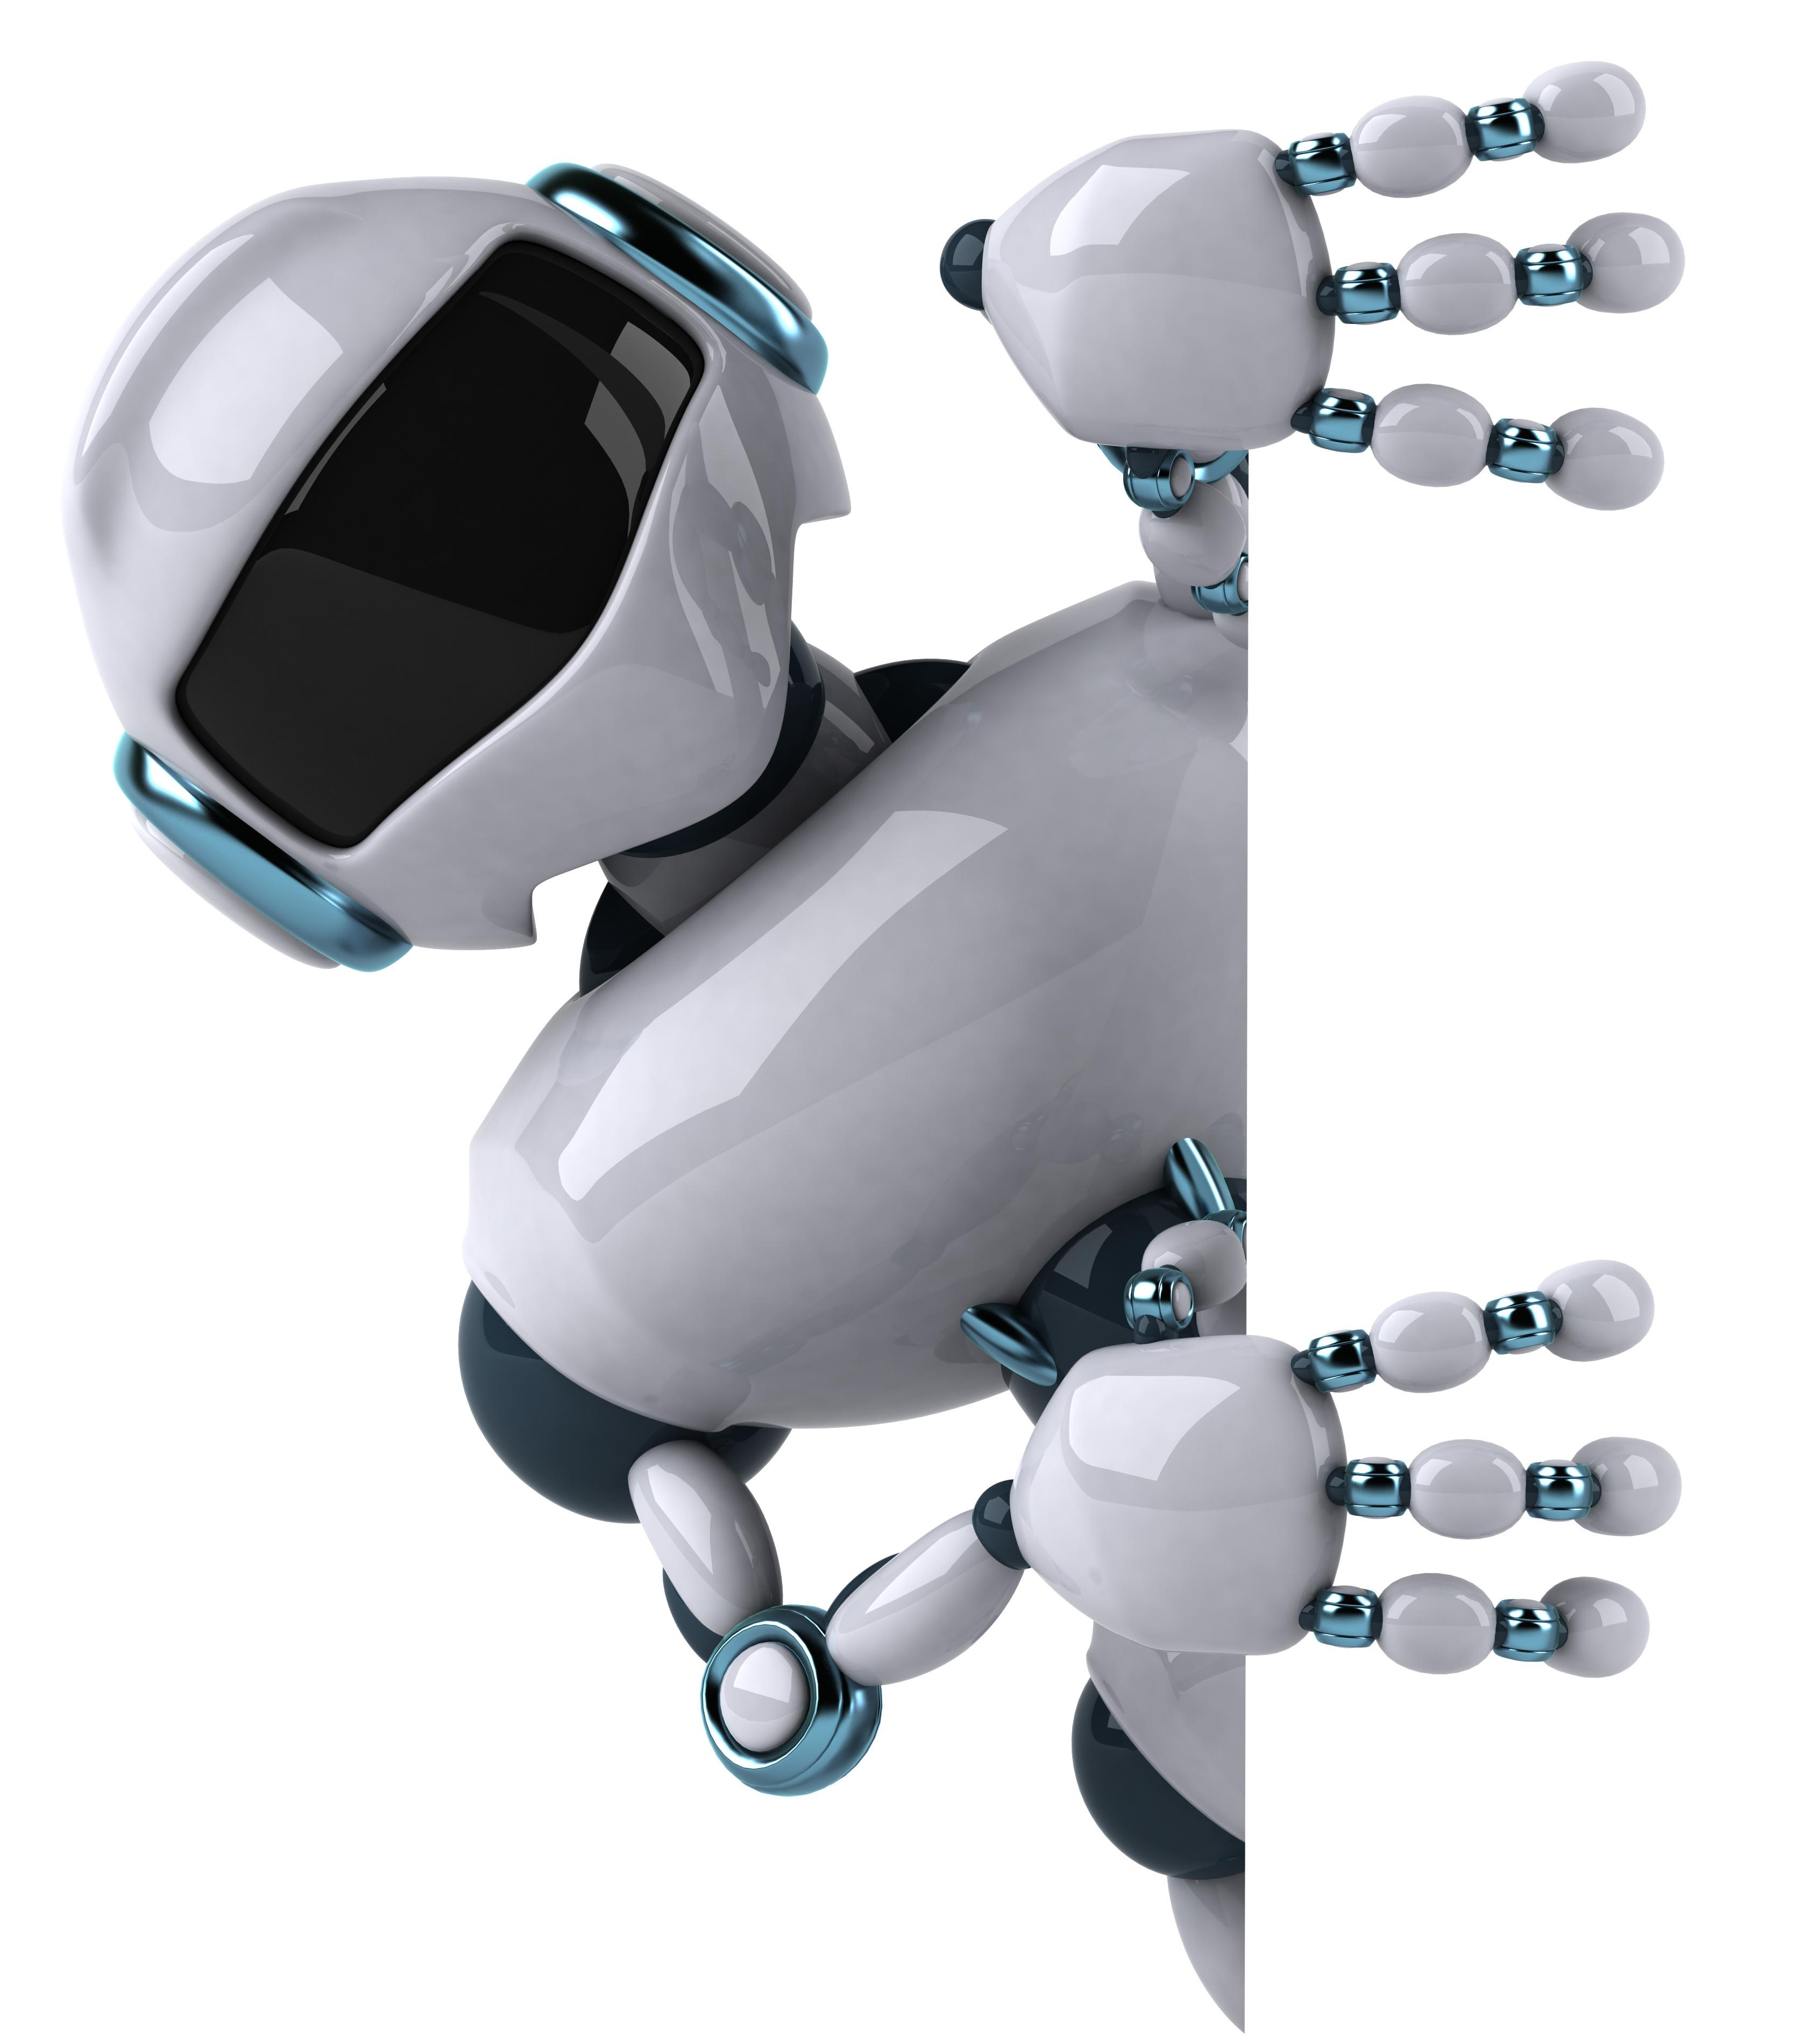 Robot asomándose